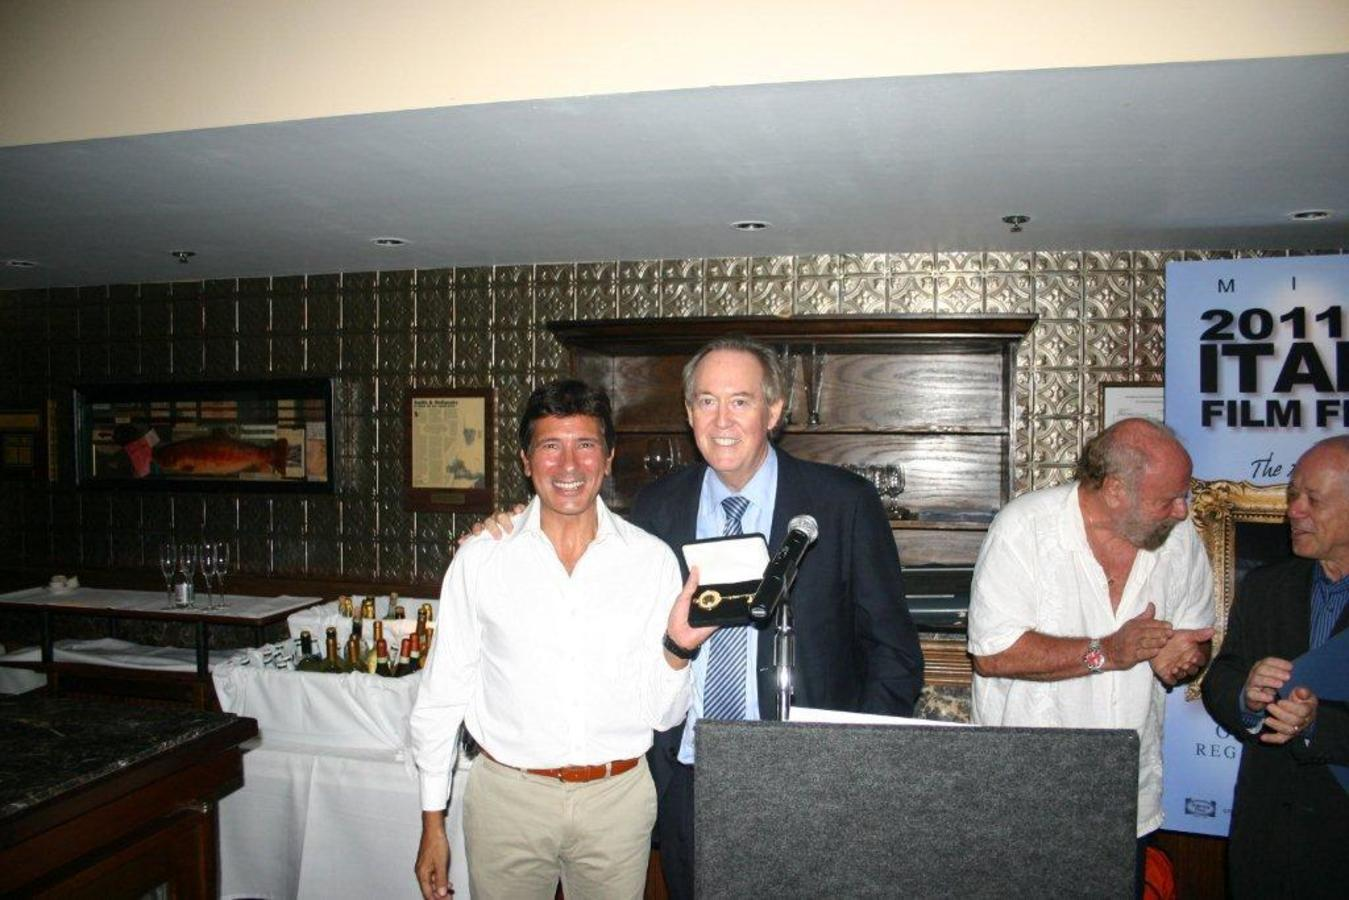 Festival Director Claudio Di Persia and Commissioner Jerry Libbin Closing Dinner